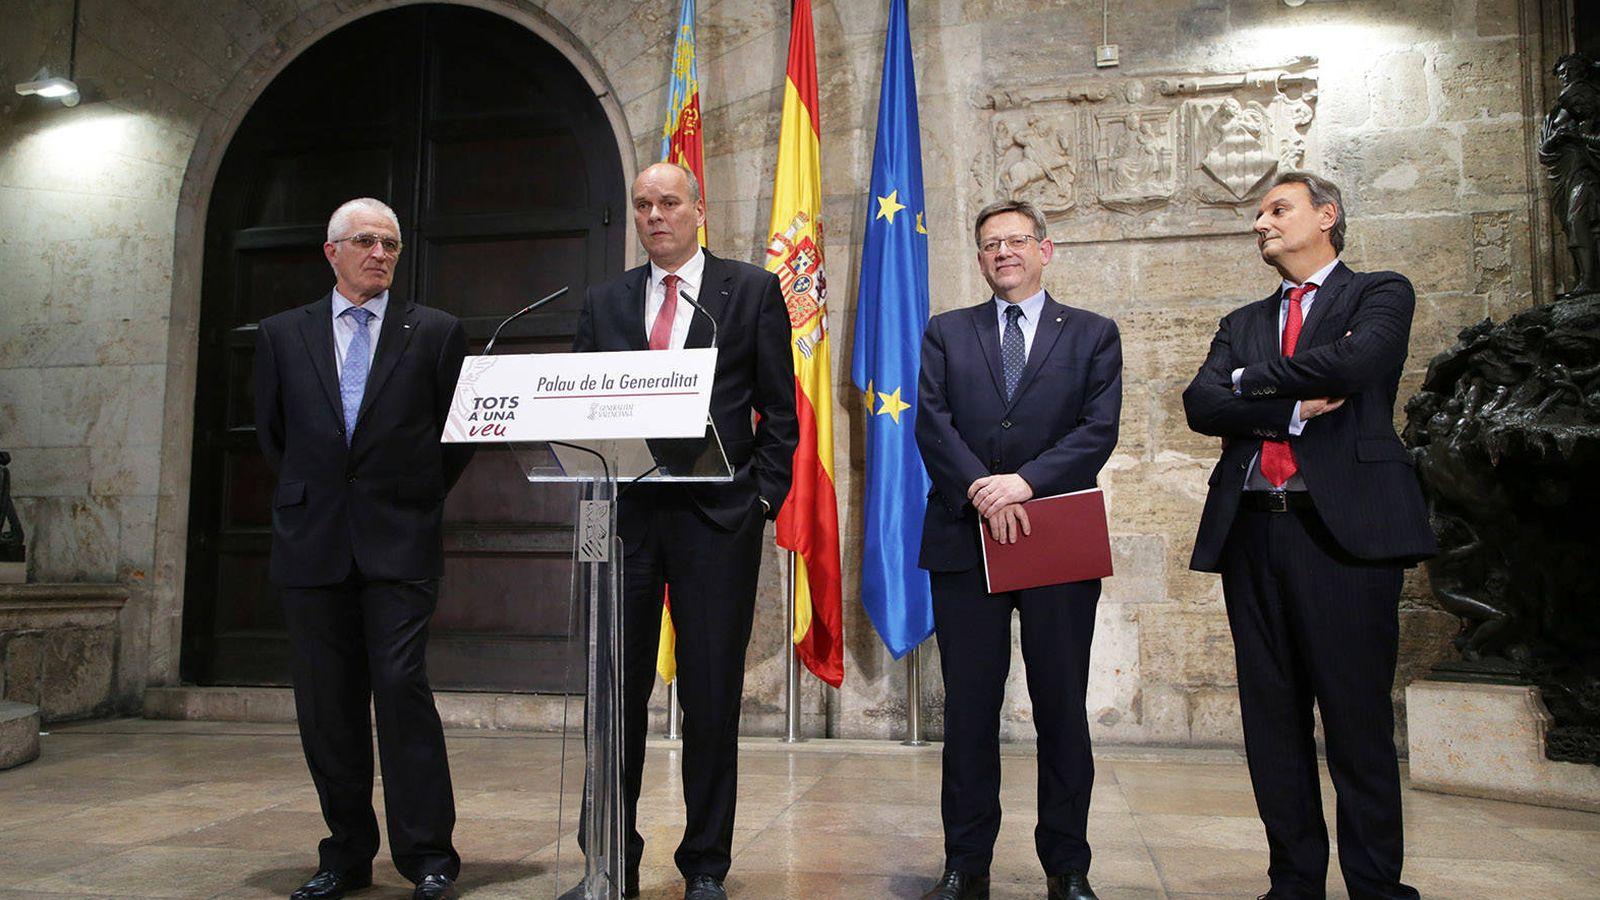 Foto: Momento del anuncio oficial de la inversión de 750 millones para la planta de Almussafes.